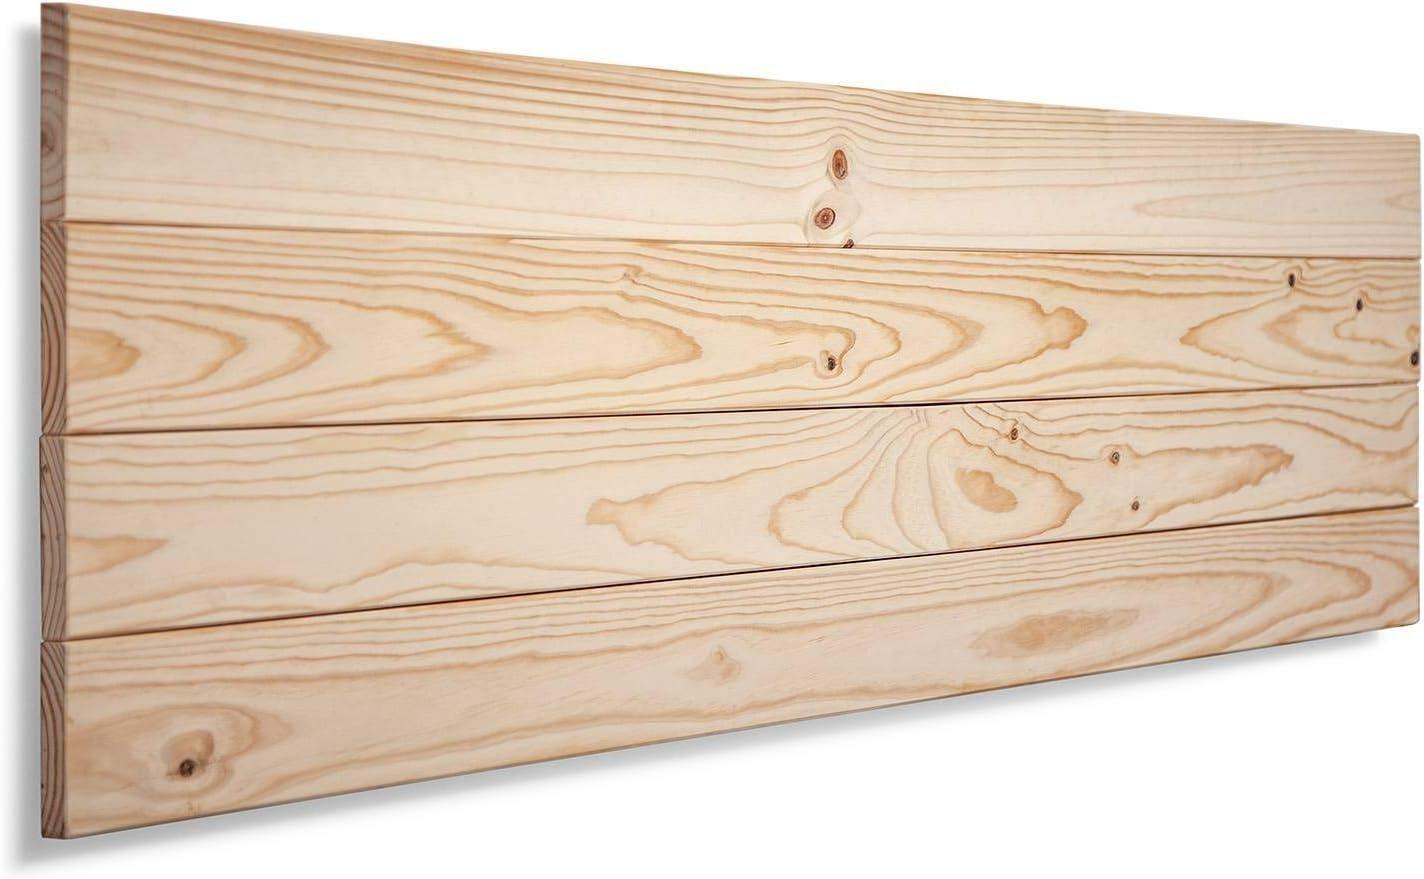 SUENOSZZZ-ESPECIALISTAS DEL DESCANSO Cabecero de Cama de Madera TREVINCA Color Crudo para Pared. Cabecero de Tablas Horizontales. Estilo Vintage, para Camas de 150